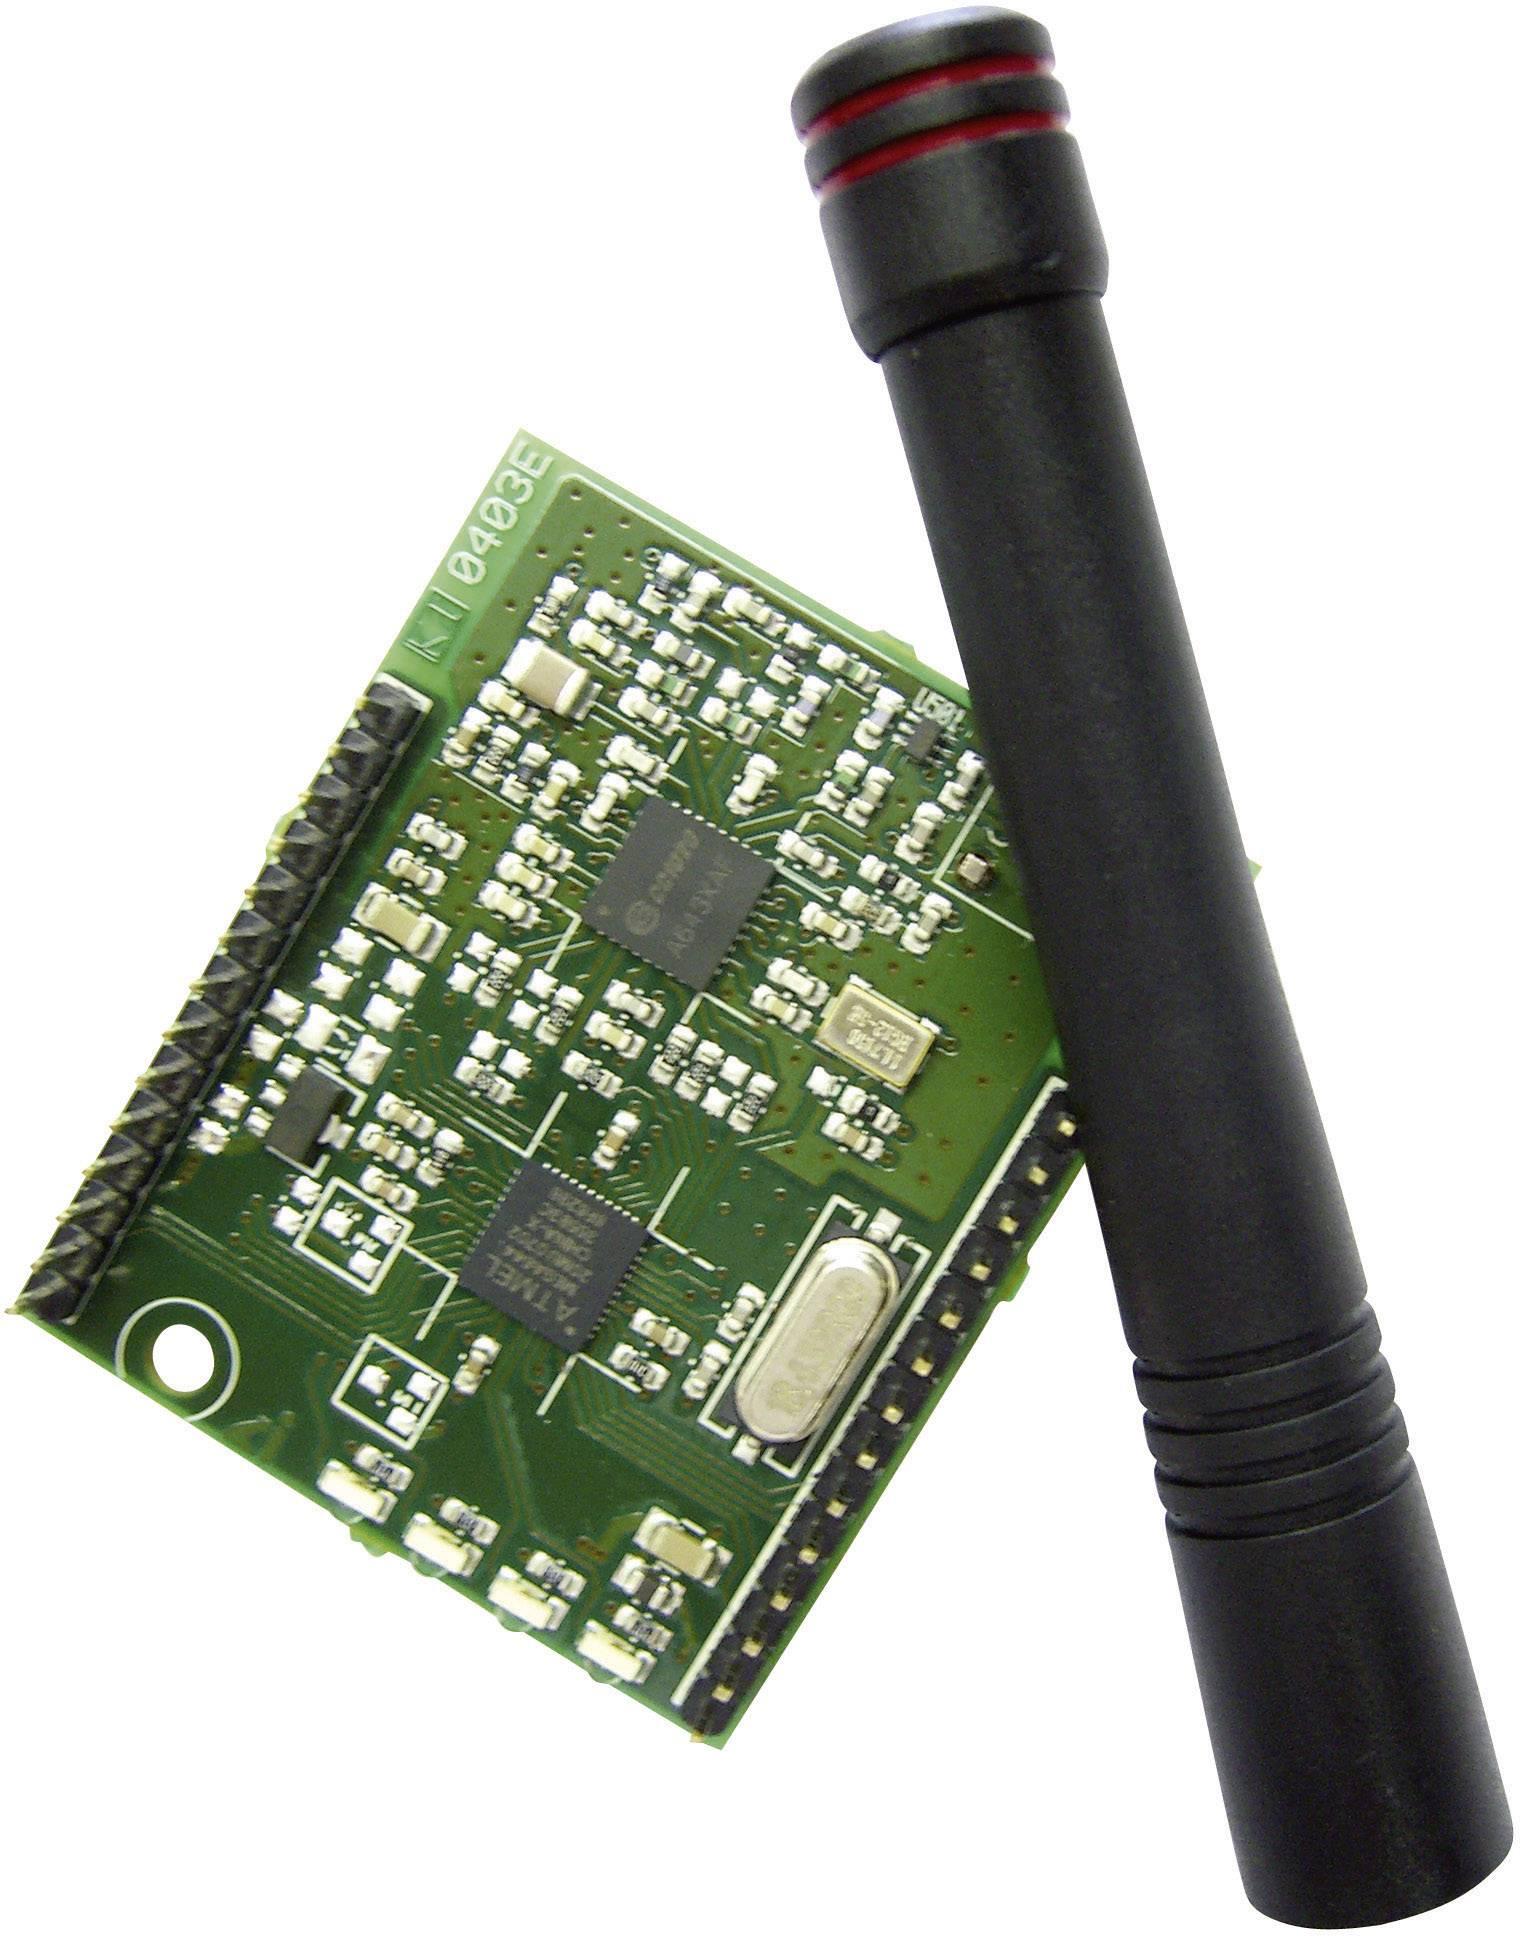 Anténa TRL Funksysteme 60804 bezdrátový modul IRIS